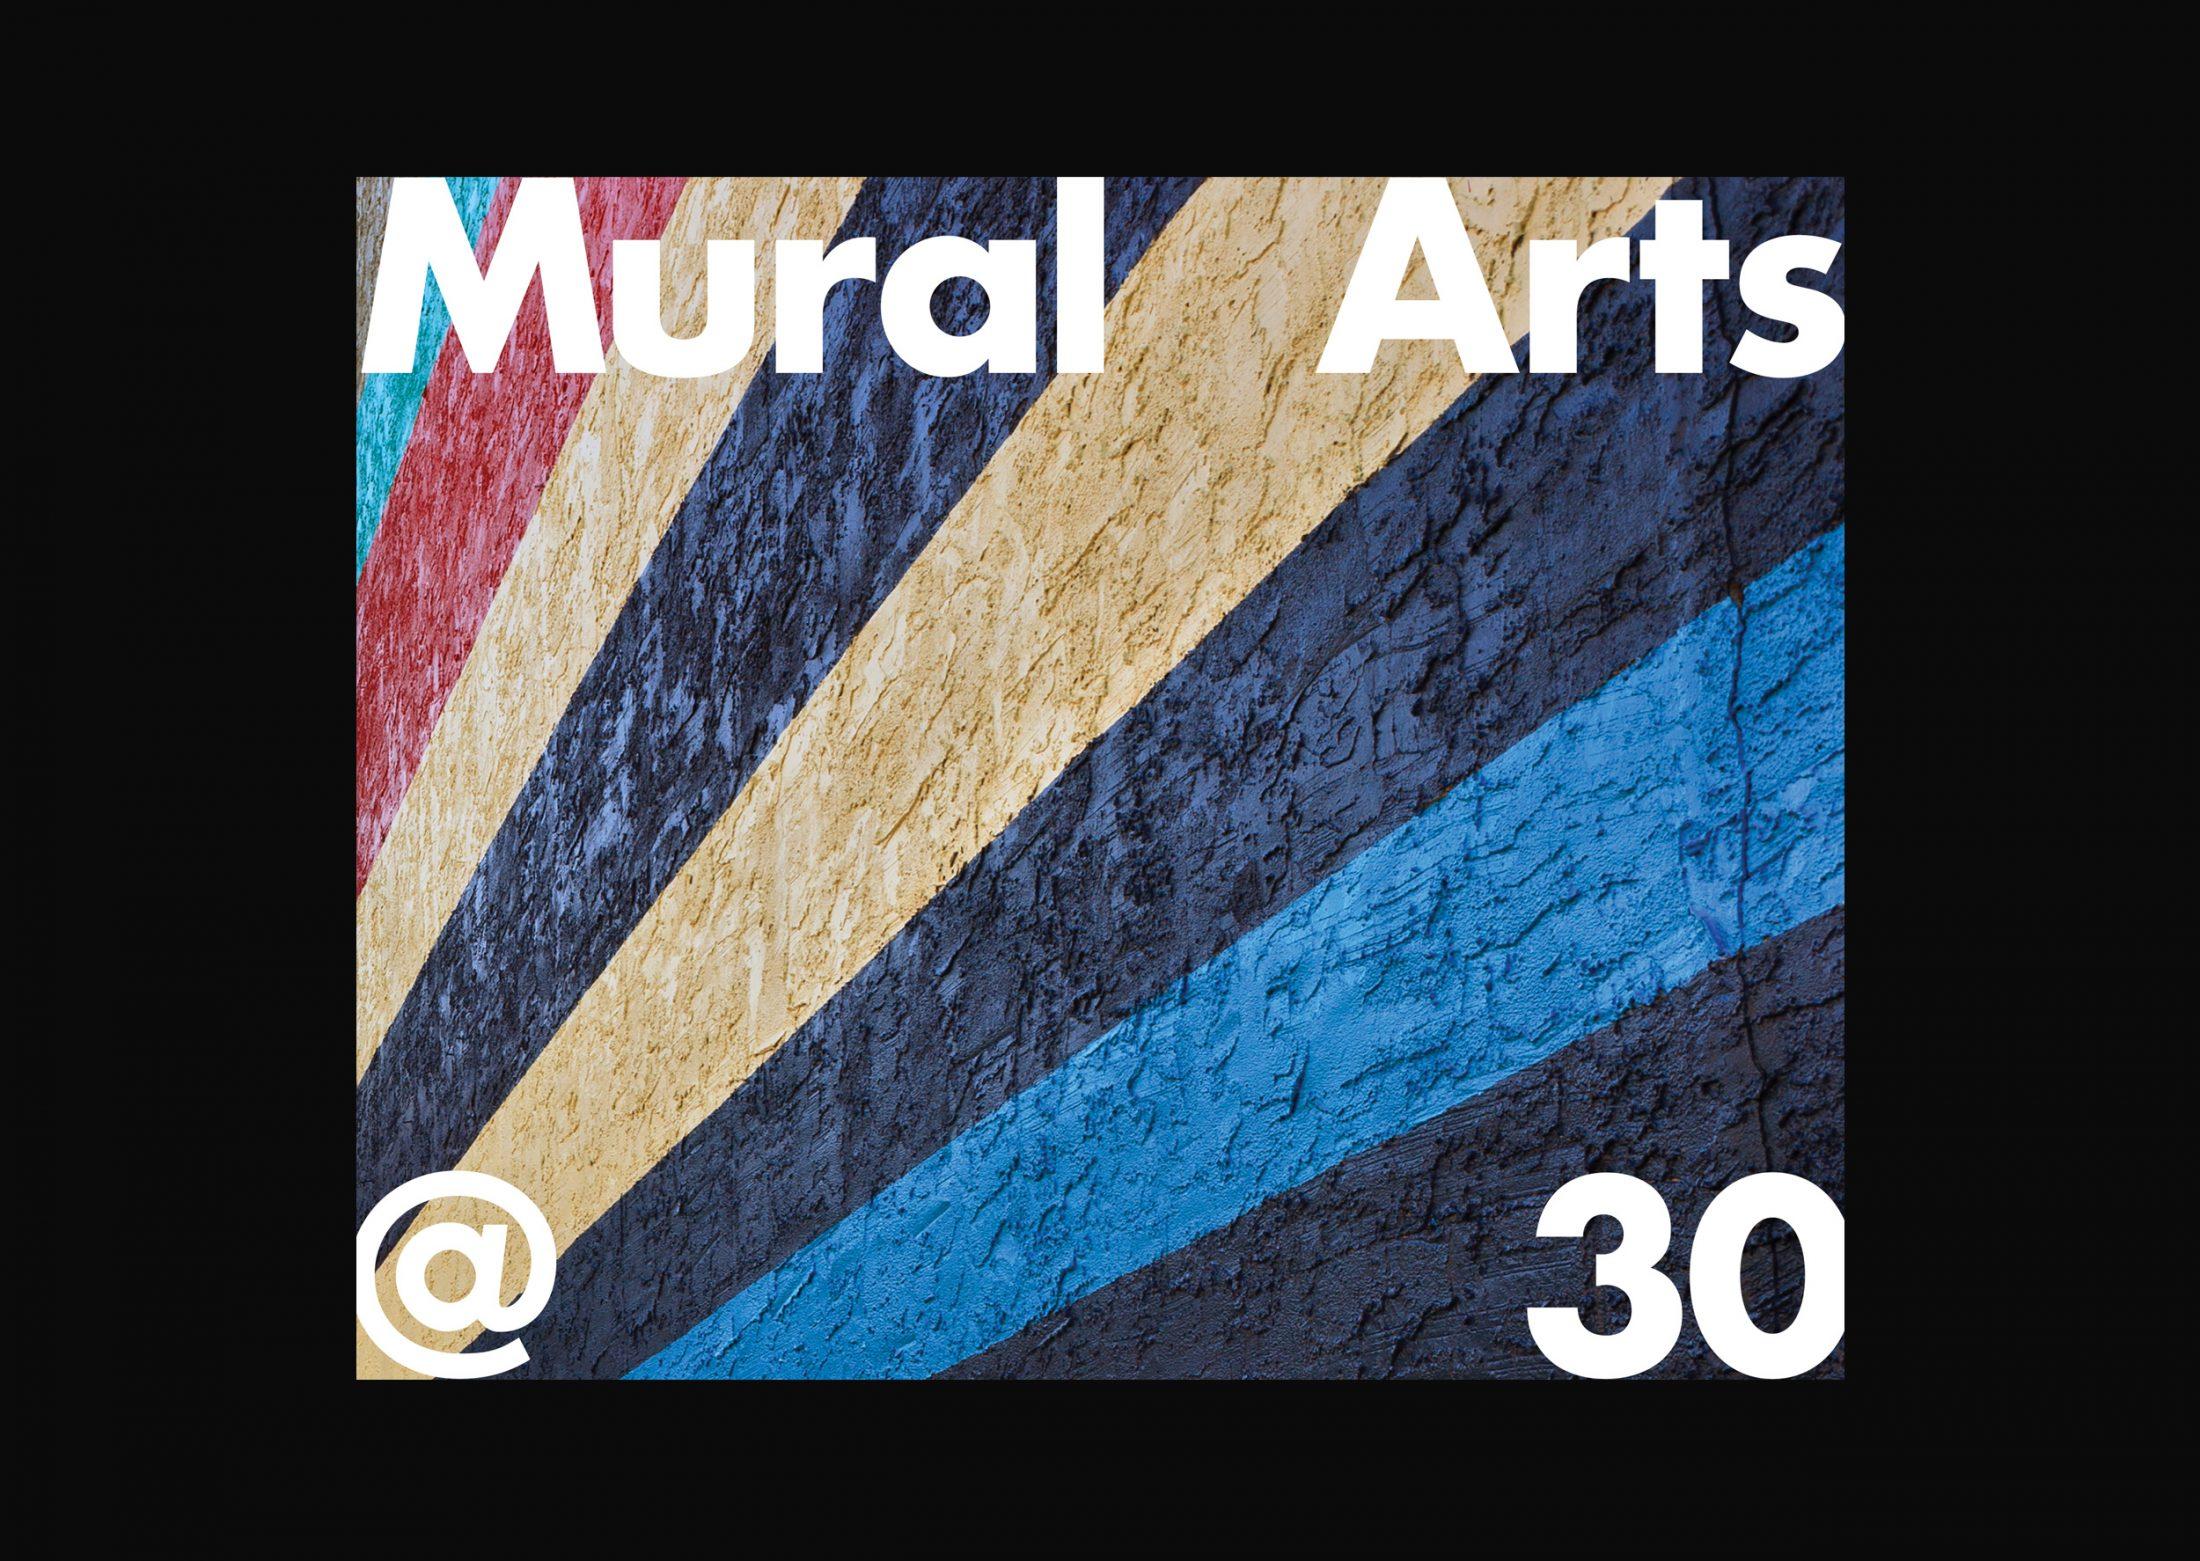 anthony_smyrski_muralarts30_cover-2200×1561-1